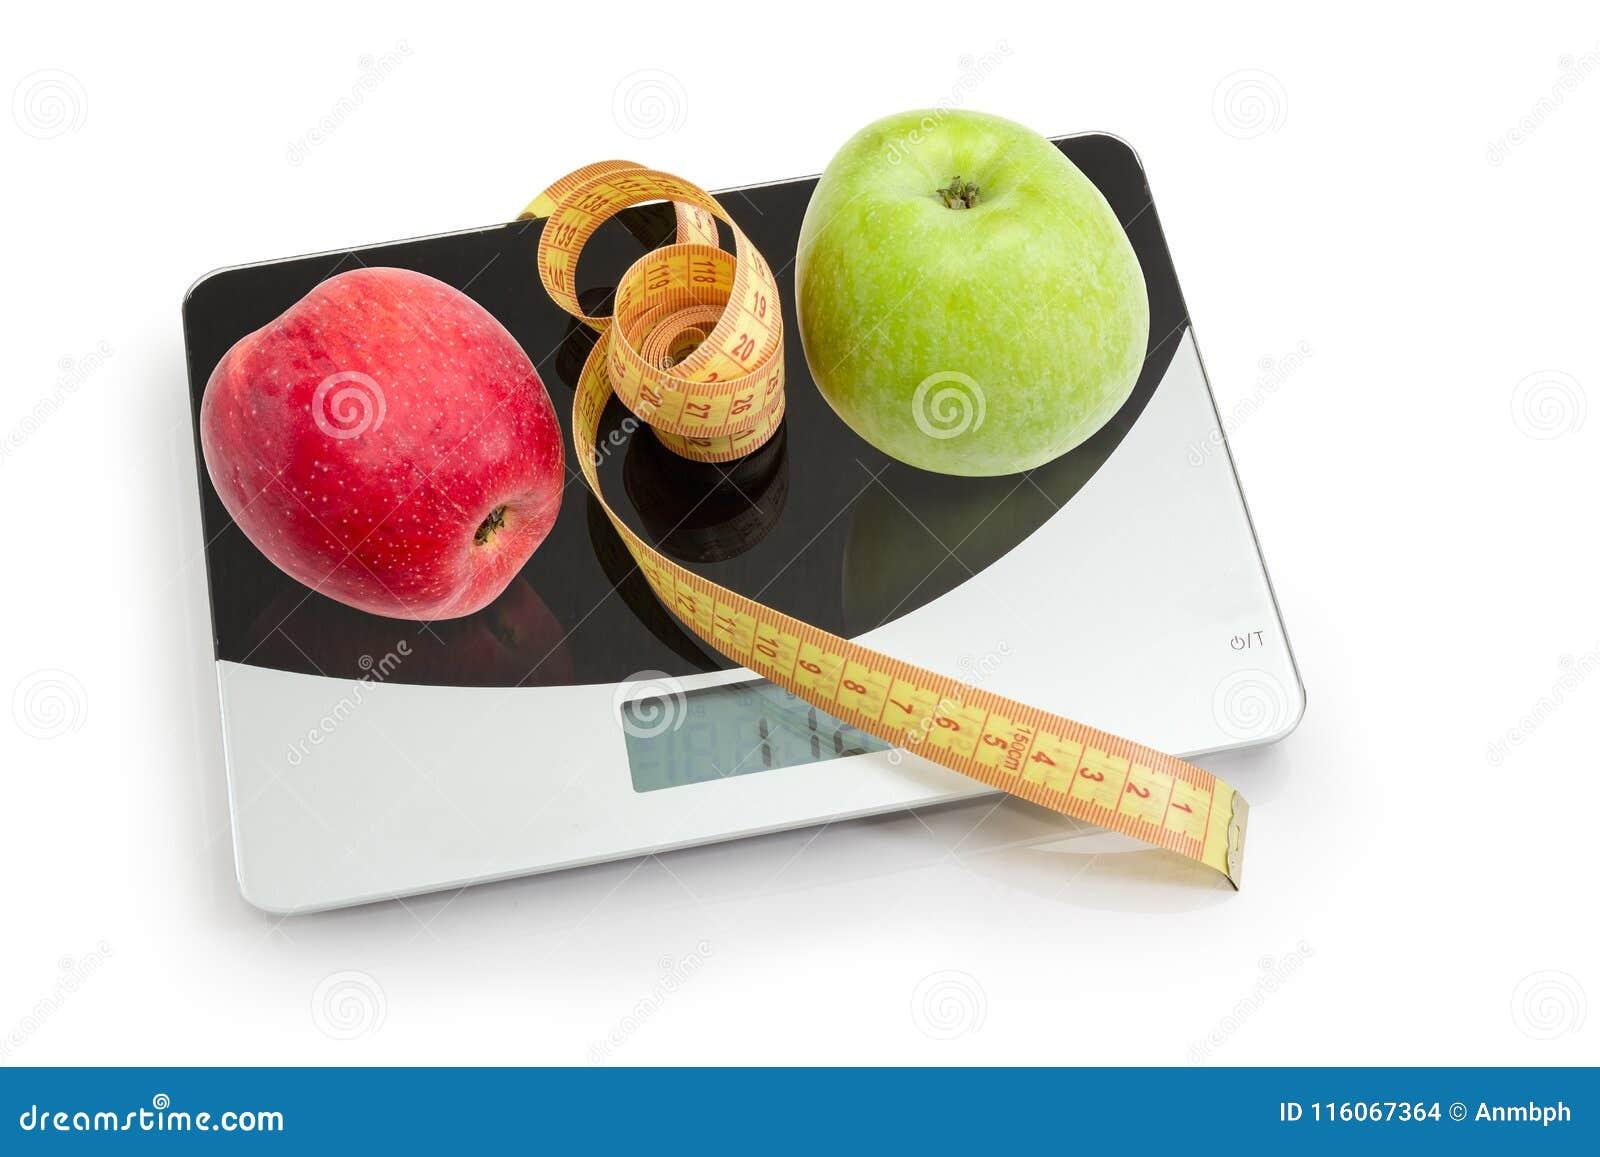 Definición de comer en exceso